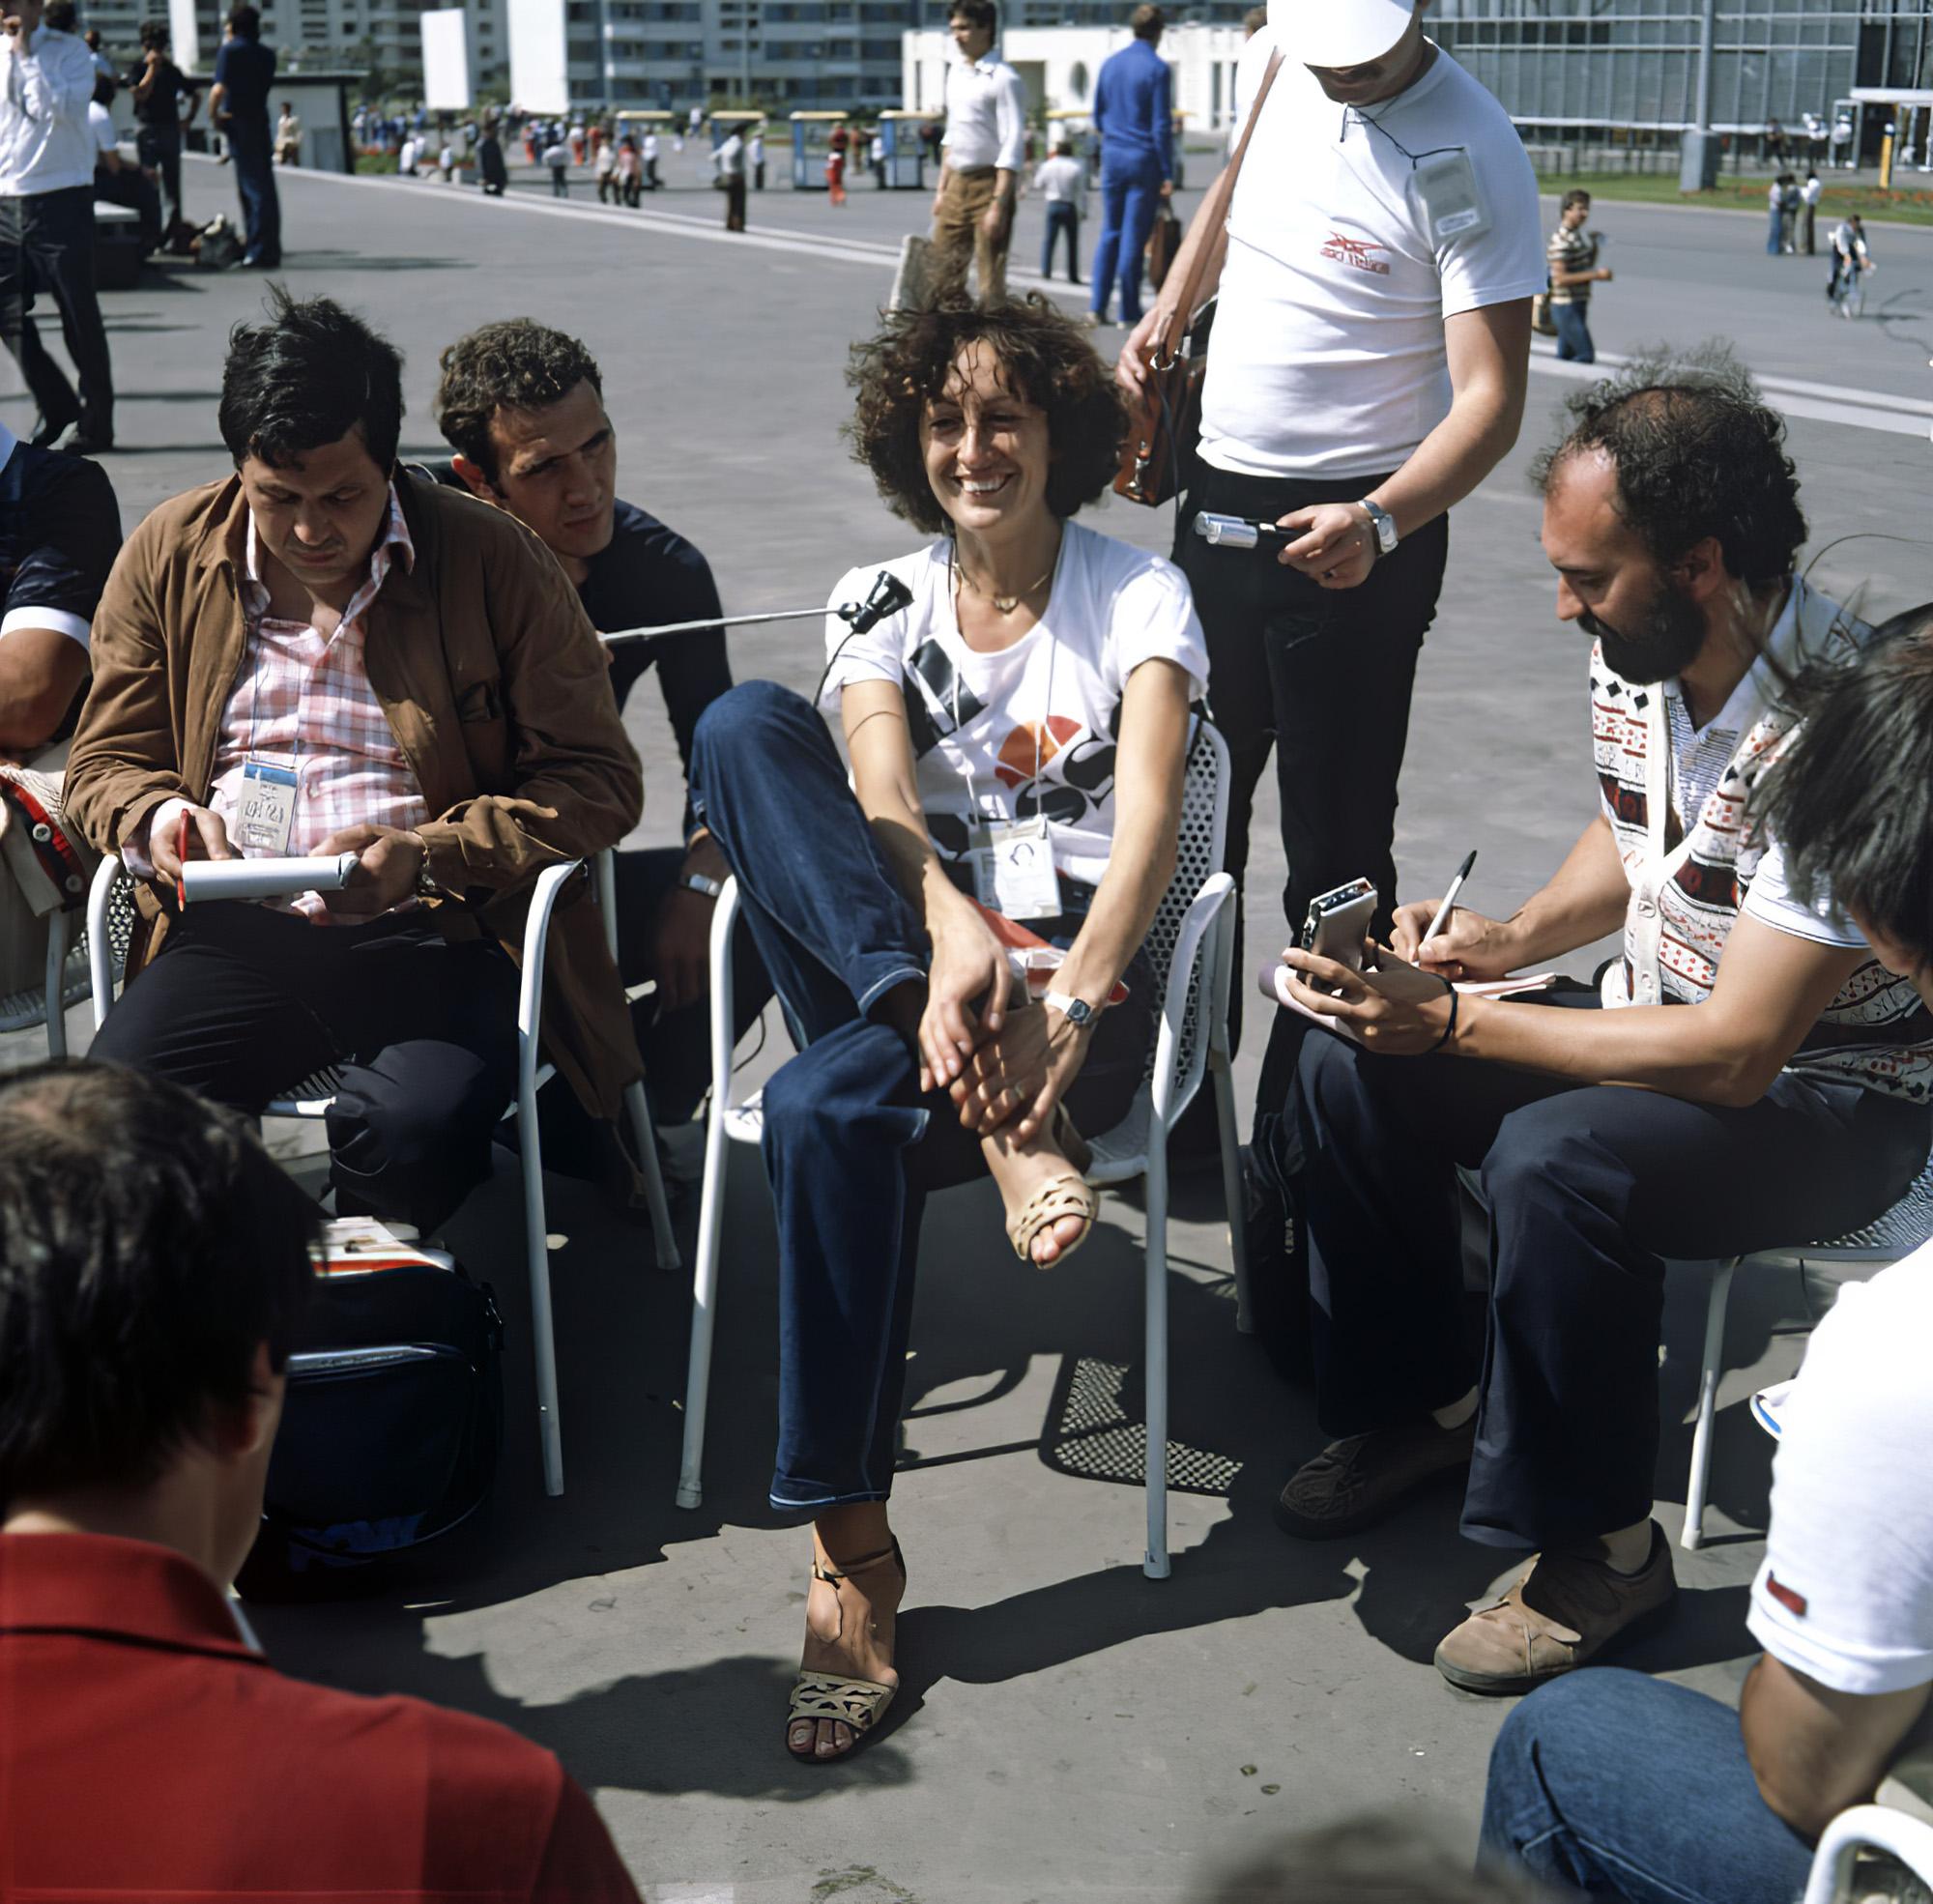 1980 Олимпийская чемпионка по прыжкам в высоту Сара Симеони дает интервью журналистам. Олимпийская деревня. Ал-р Гращенков